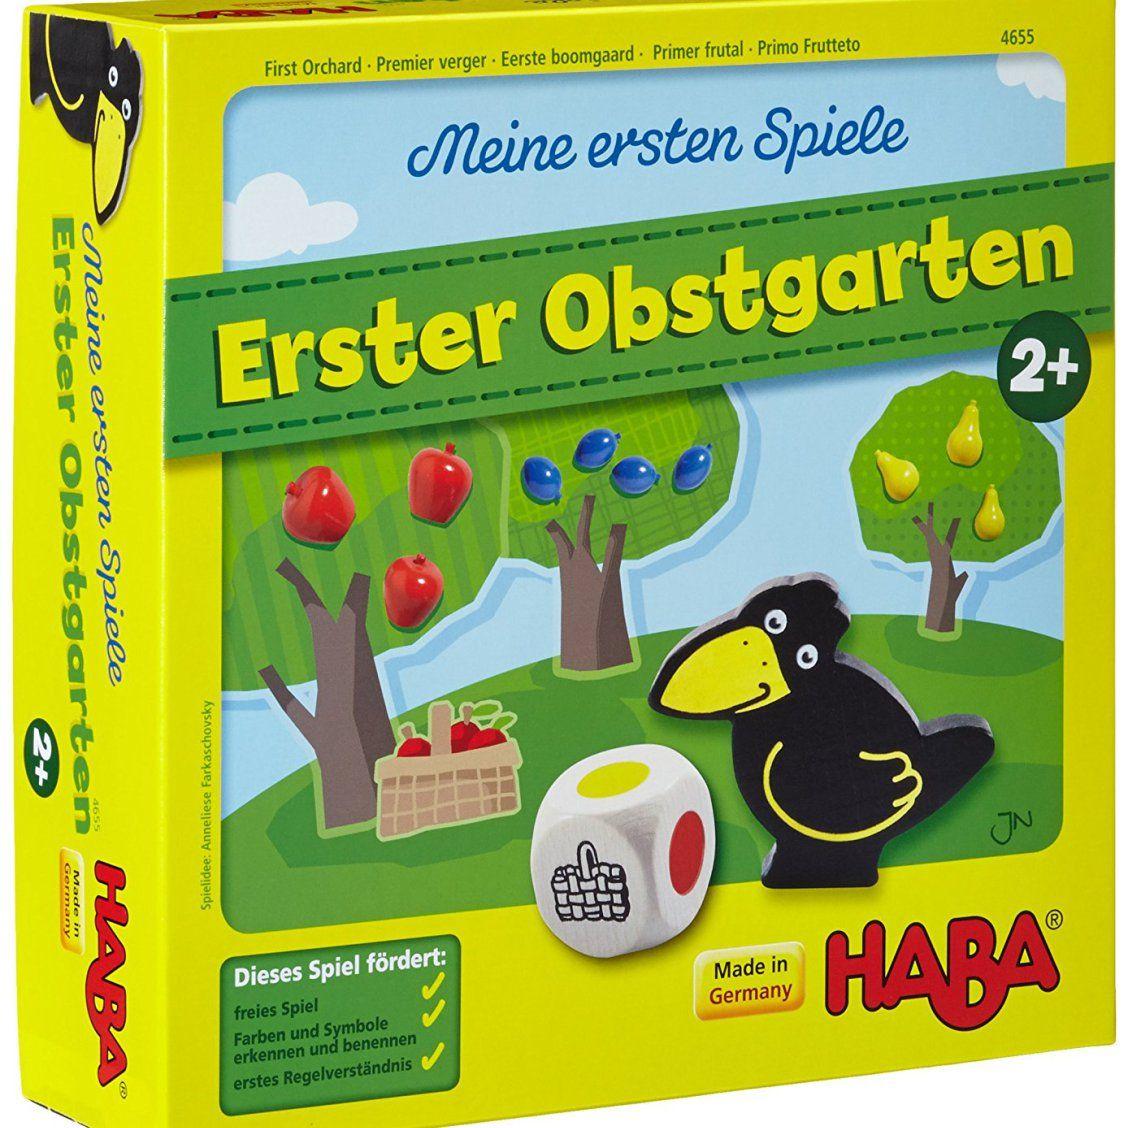 Erster Obstgarten | Brettspiele | Pinterest | Brettspiele für kinder ...